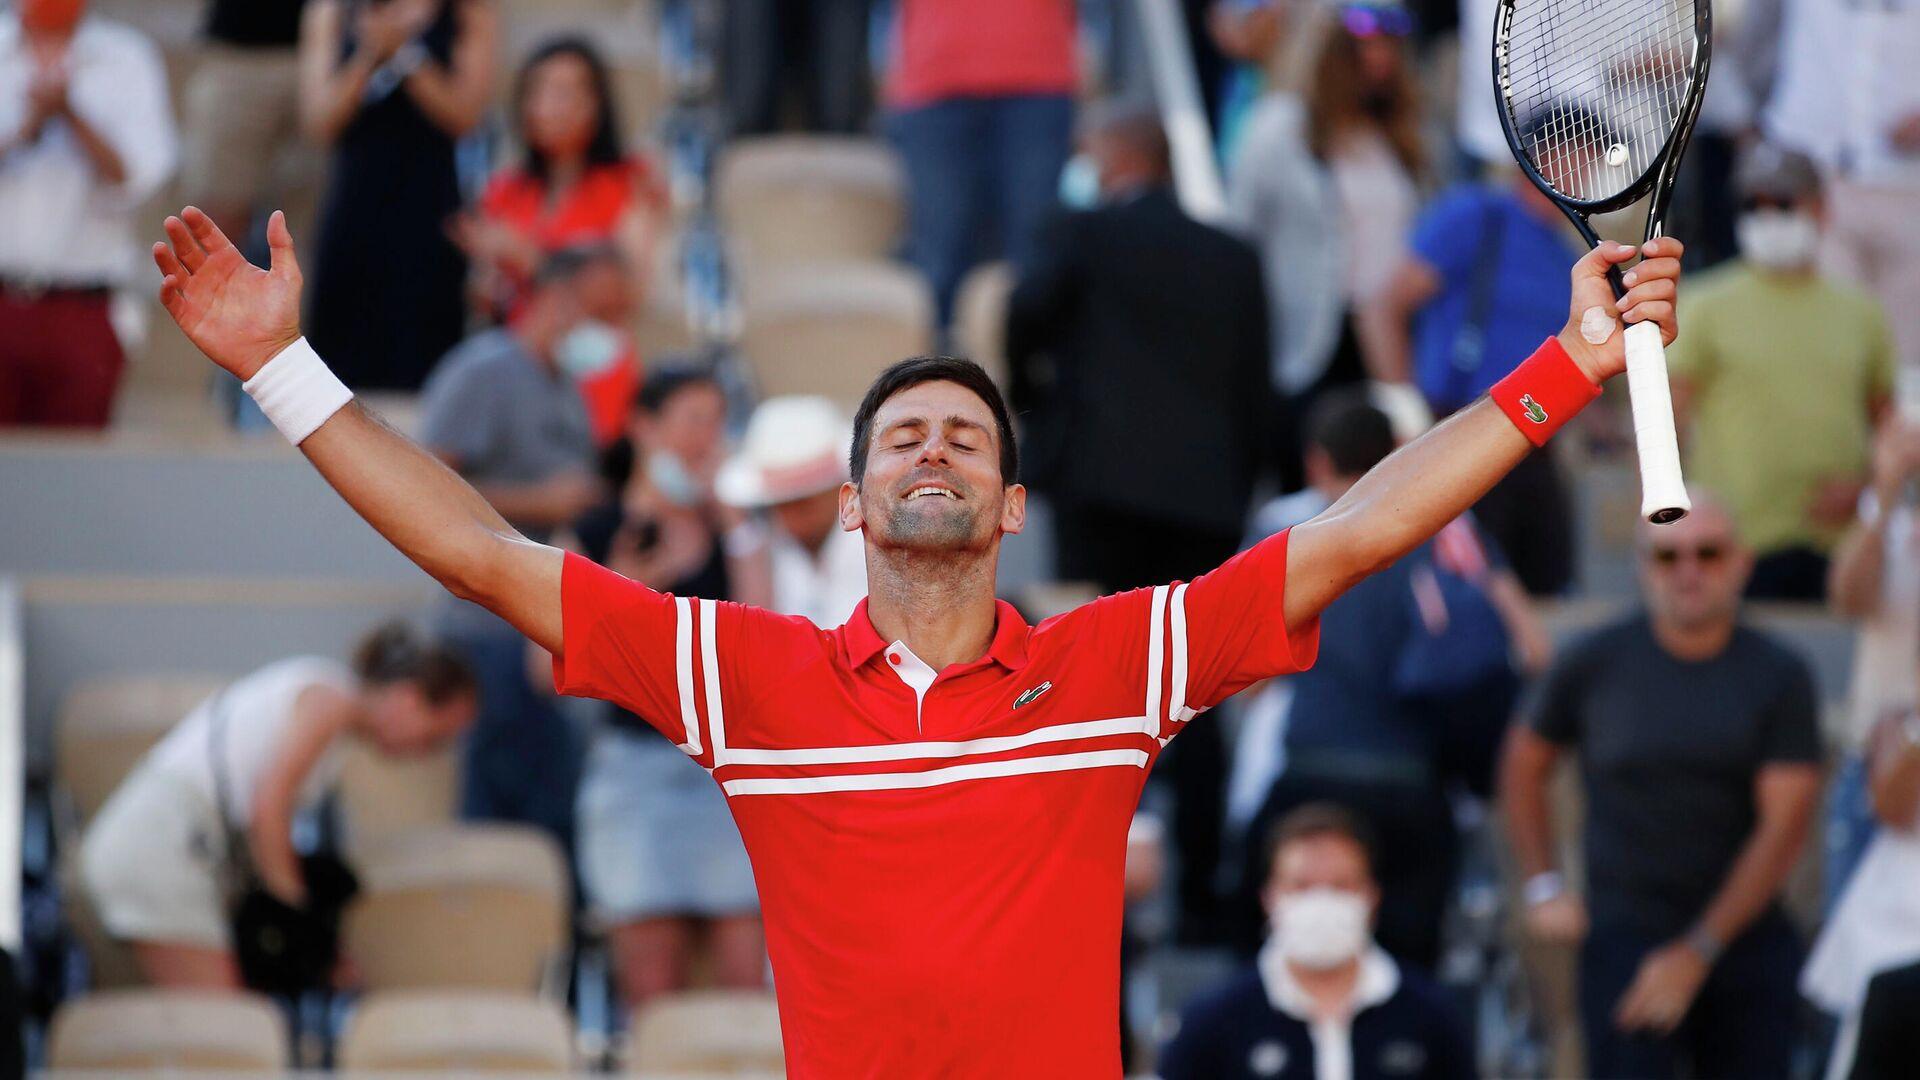 El tenista serbio Novak Djokovic  - Sputnik Mundo, 1920, 13.06.2021